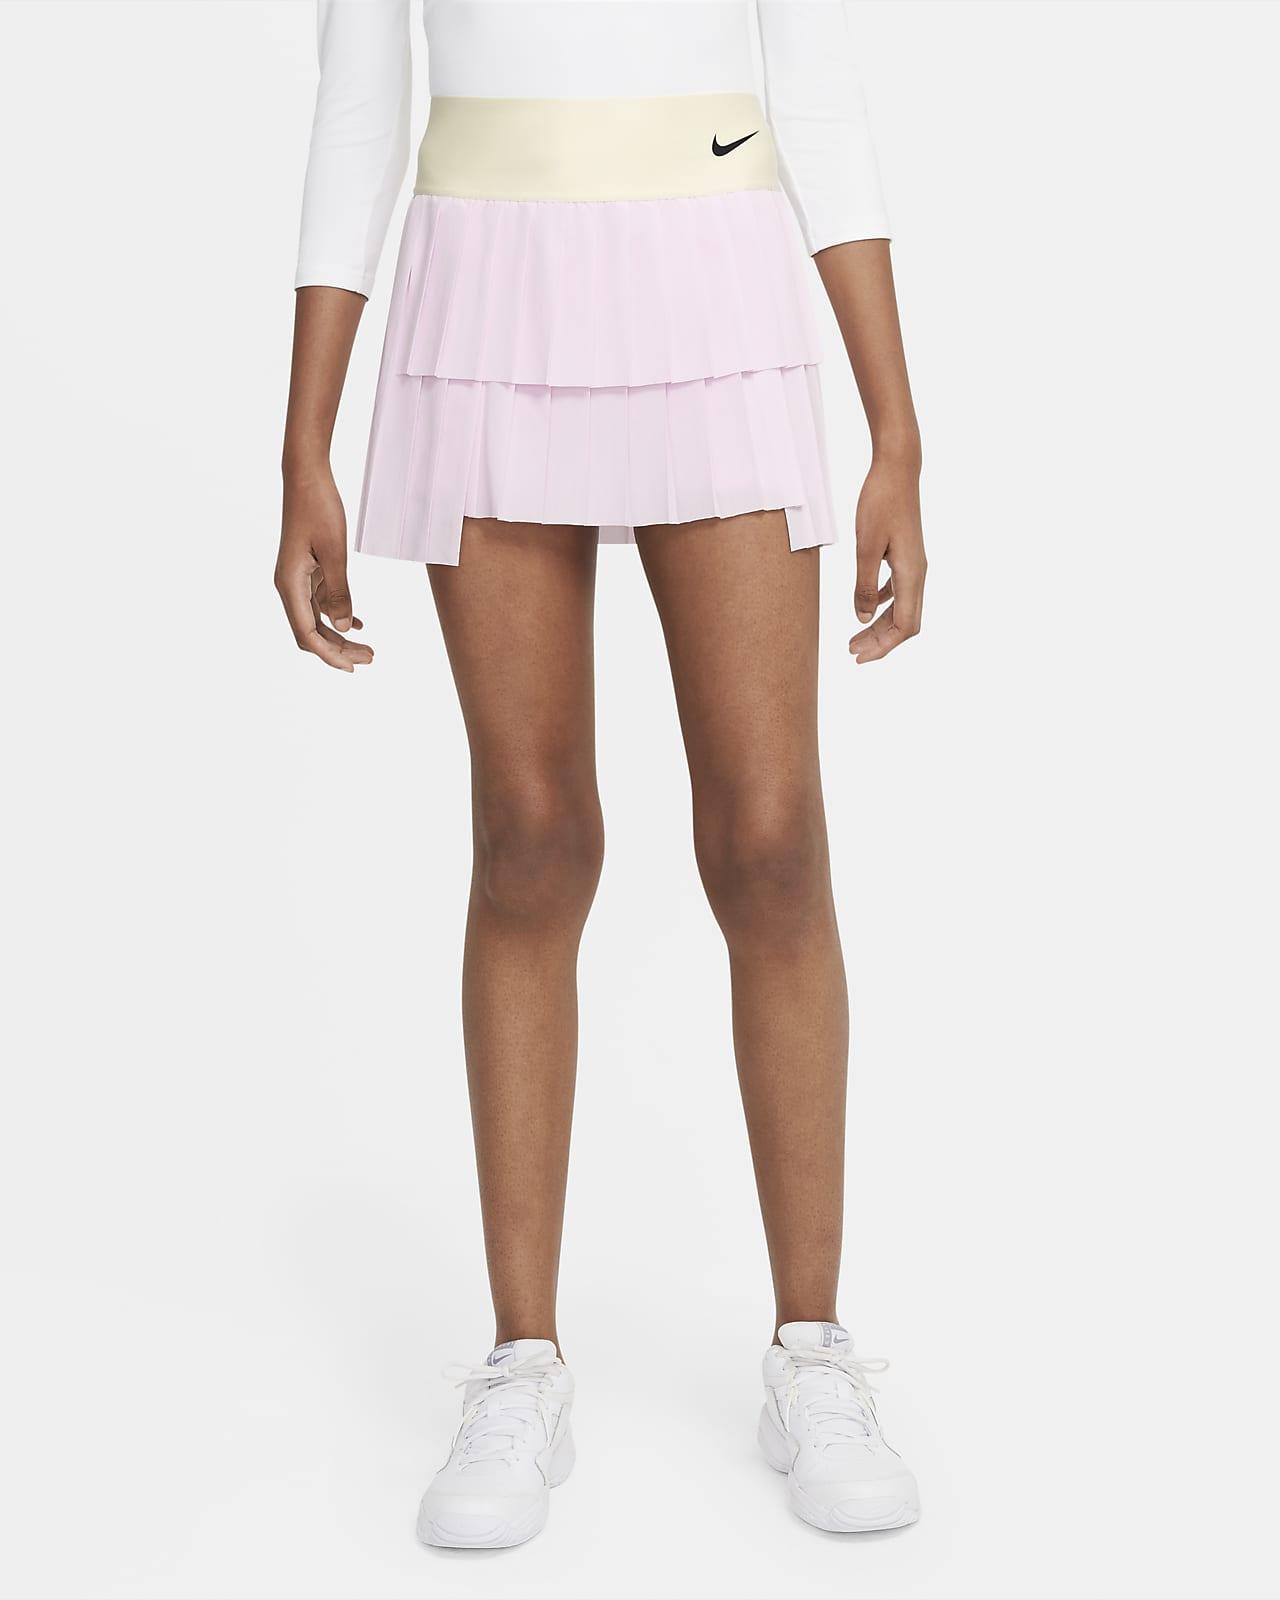 Γυναικεία πλισέ φούστα τένις NikeCourt Advantage